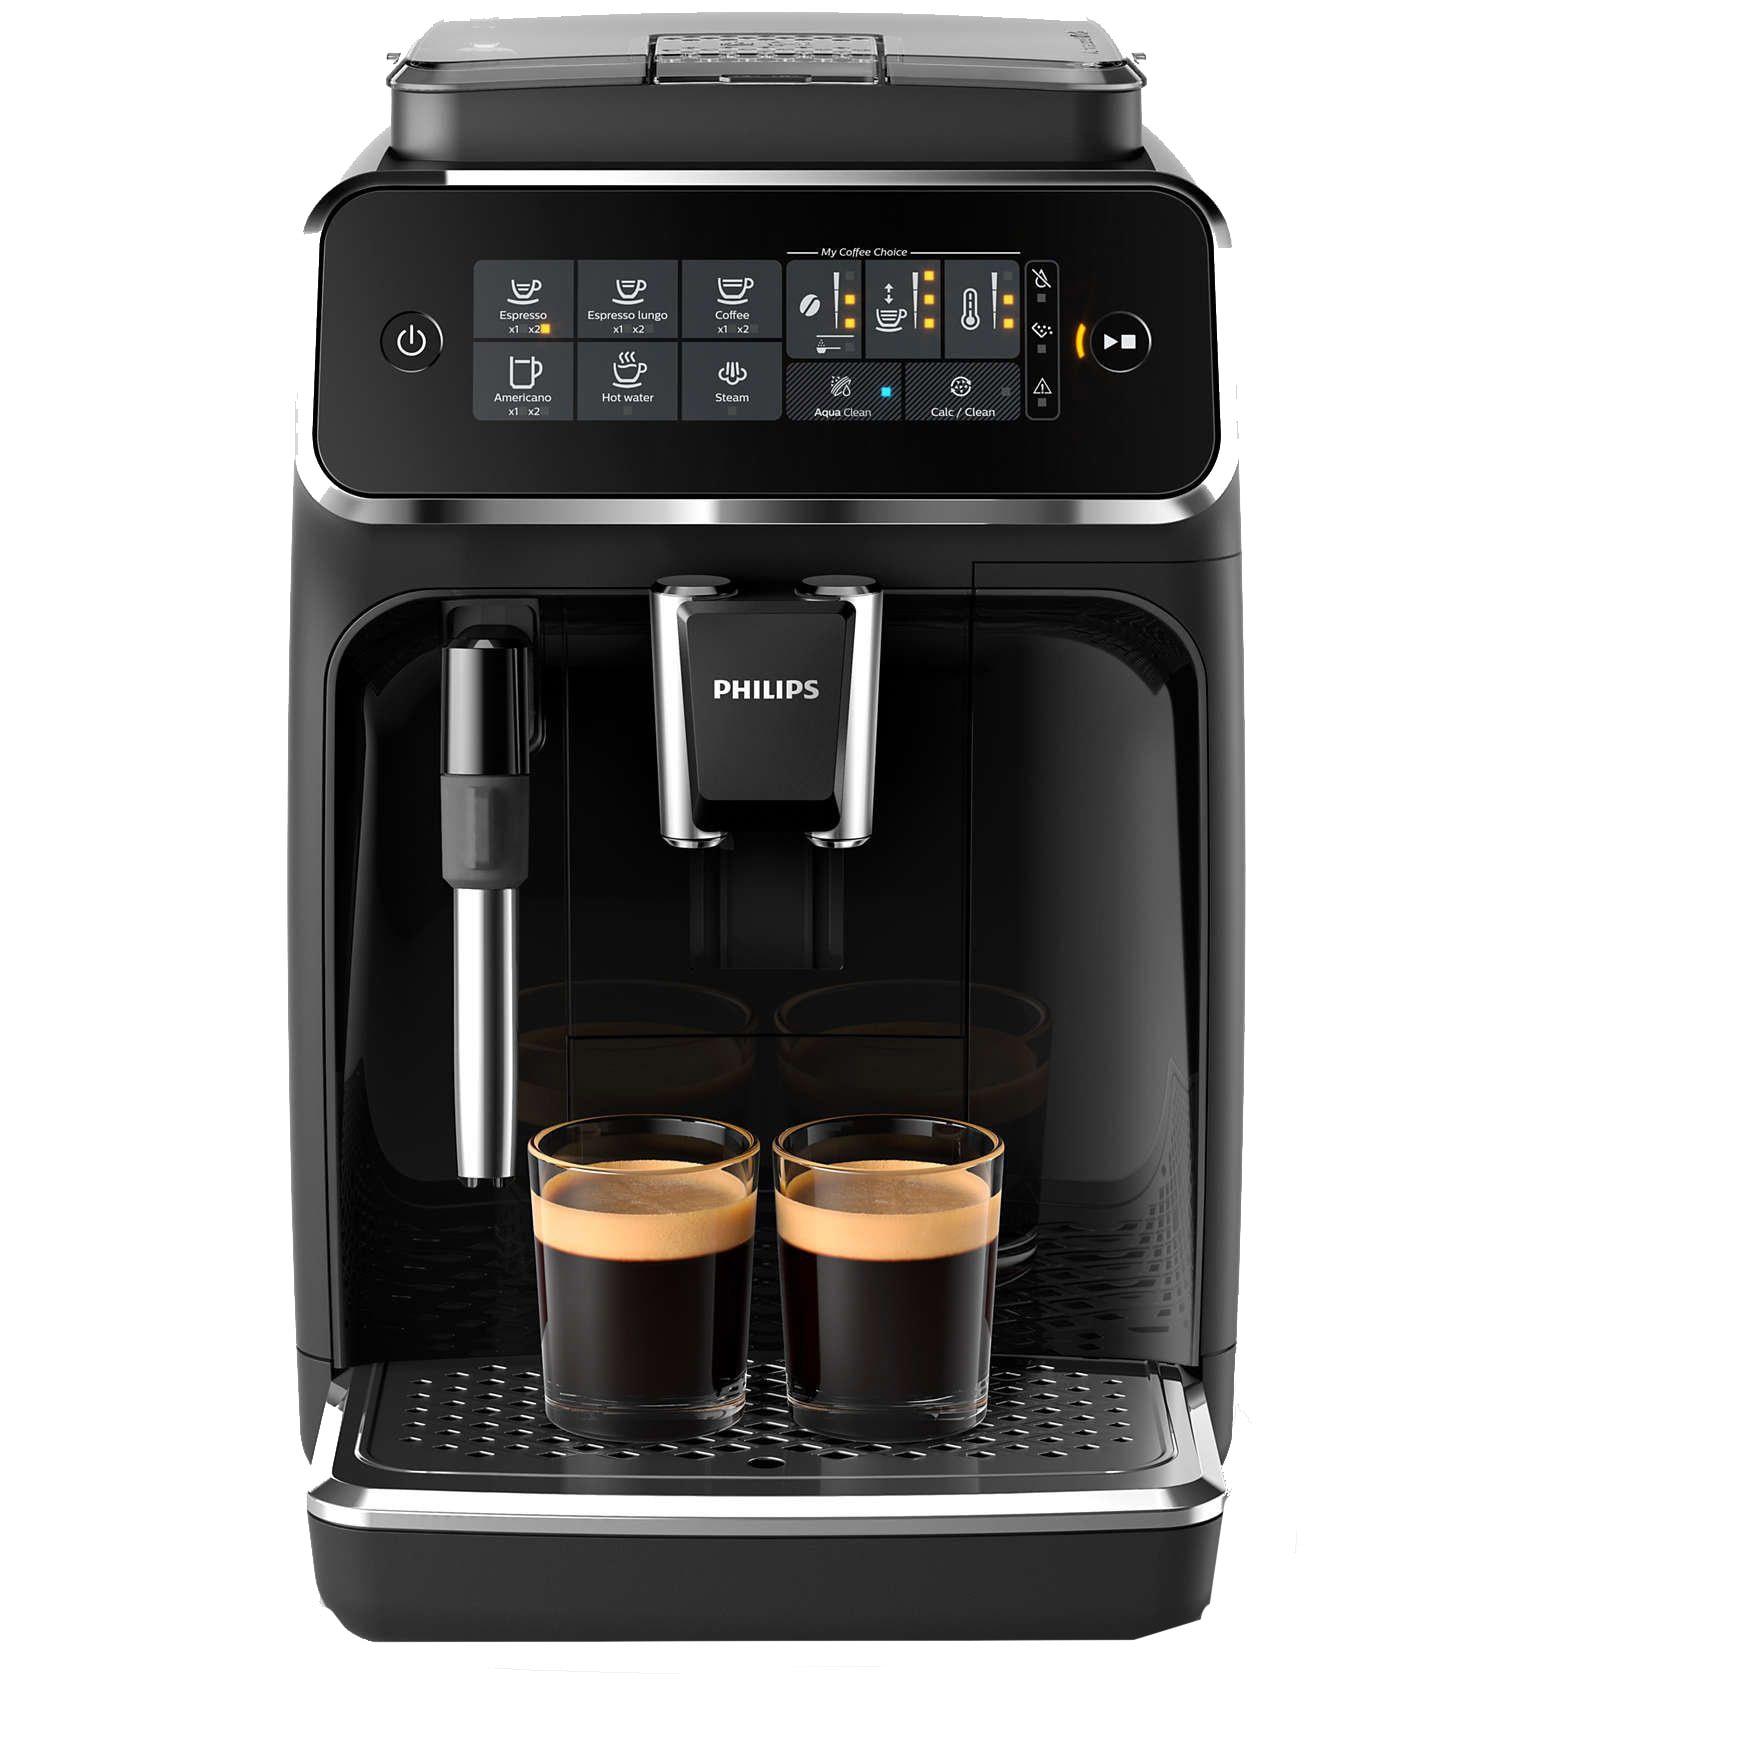 Fotografie Espressor automat Philips EP3221/40, sistem de spumare a laptelui, 4 bauturi, filtru AquaClean, rasnita ceramica, optiune cafea macinata, ecran tactil, Negru